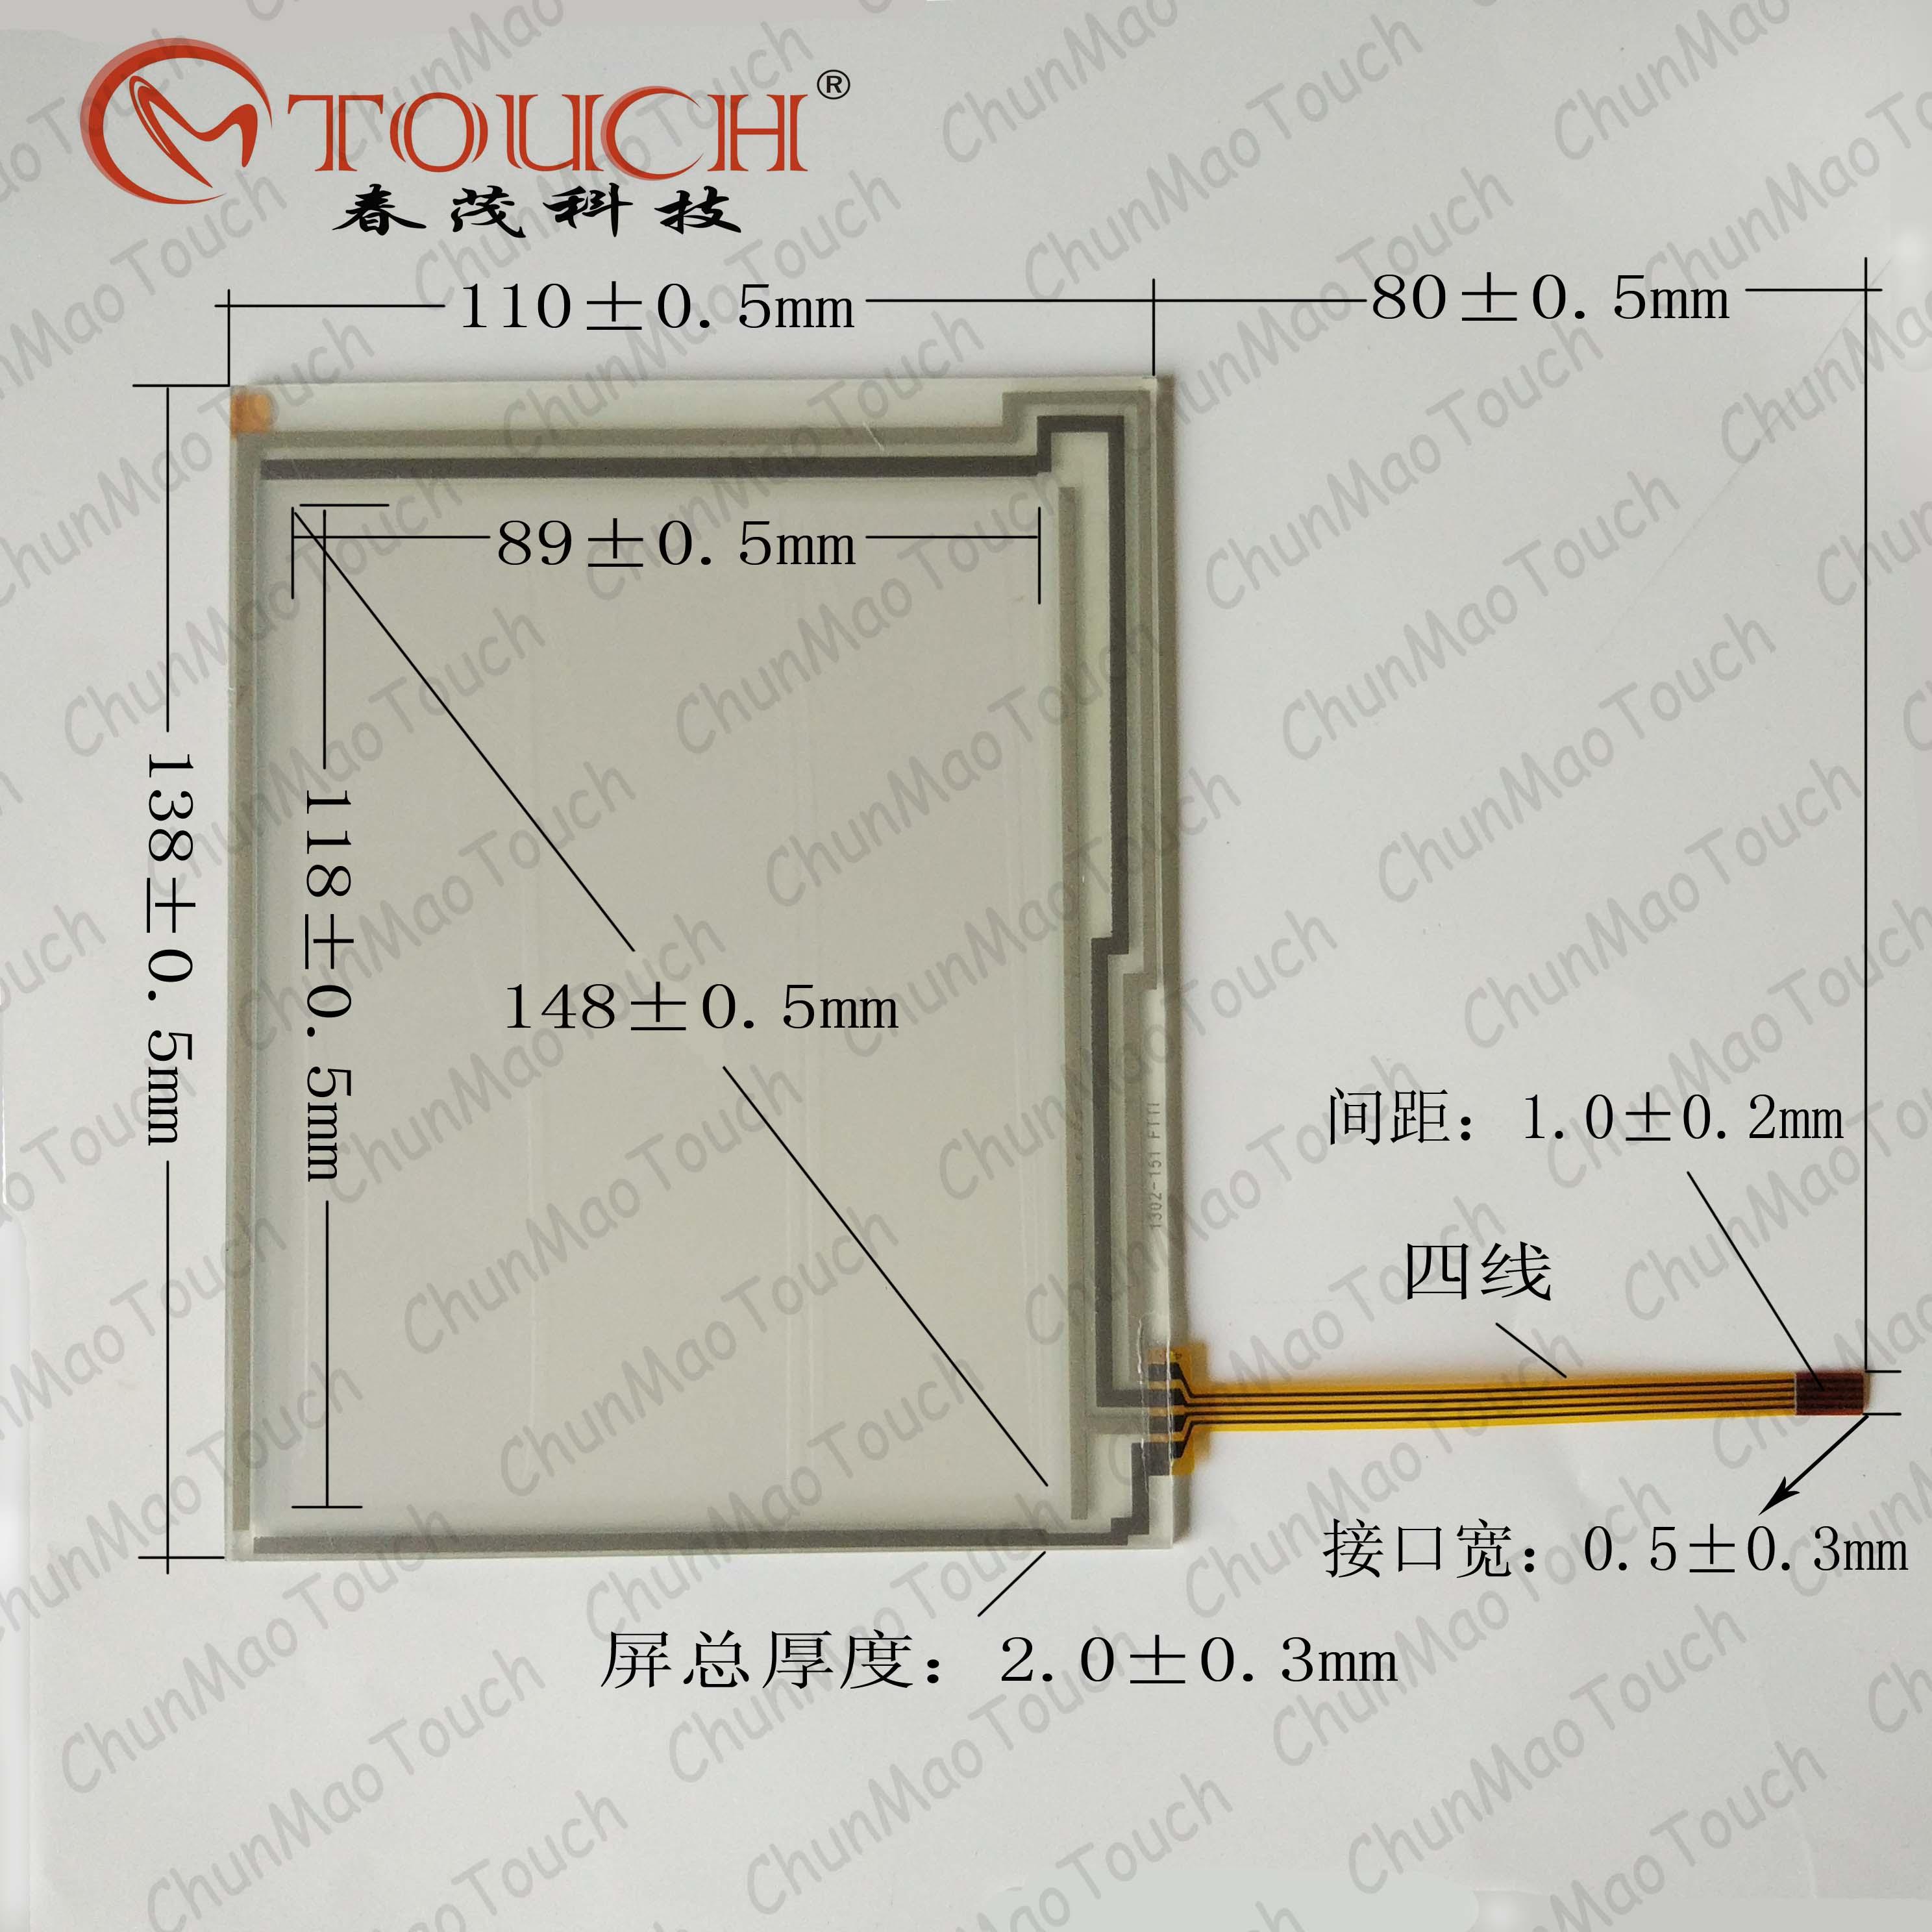 触摸屏面板 广州威伦MT506i(窄边)5.8寸 广州威伦MT5 广州威伦MT506i 窄边5.8